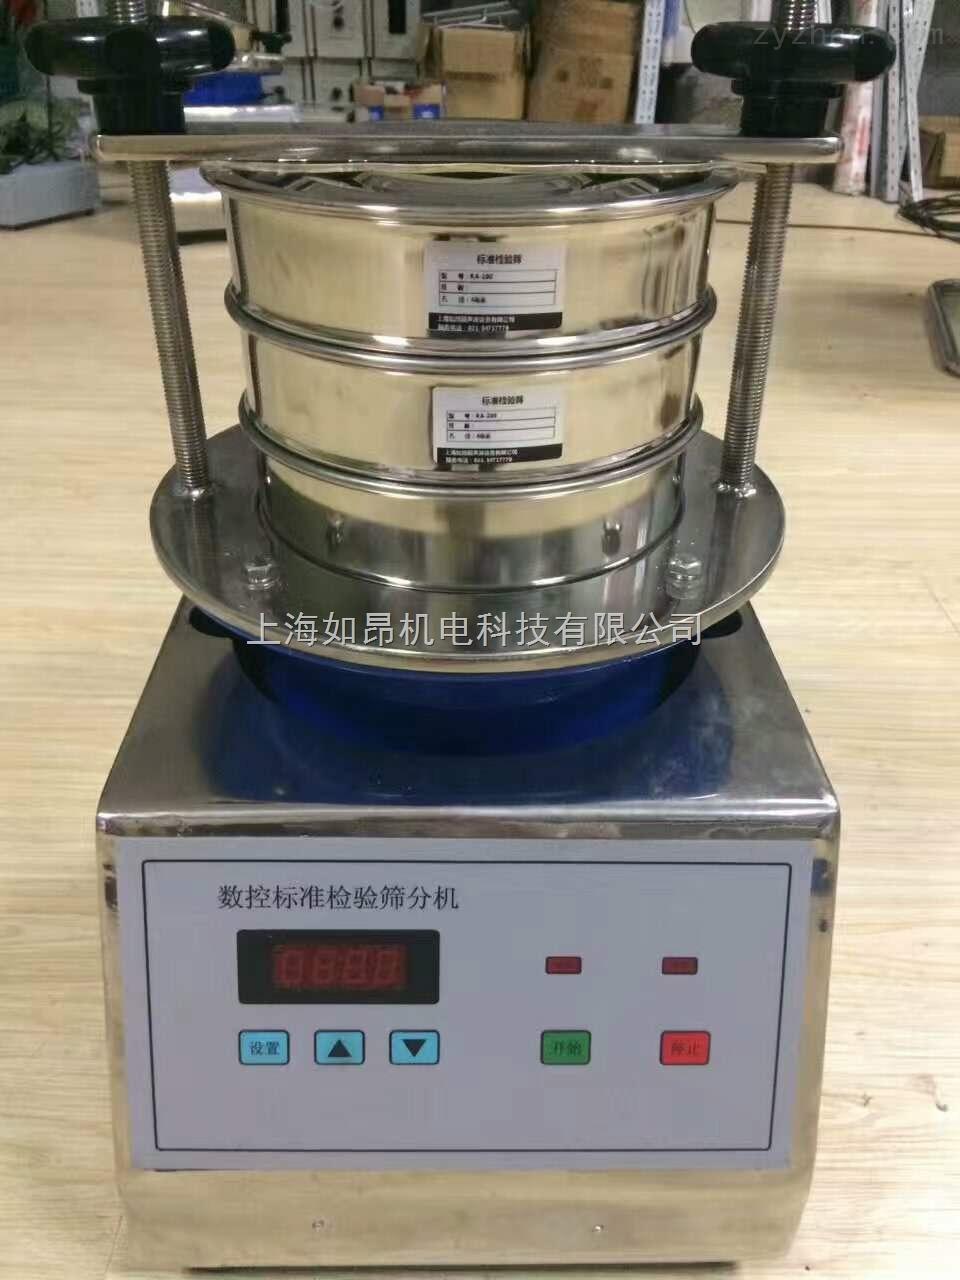 小型多功能檢驗篩200mm粉末分析檢驗設備